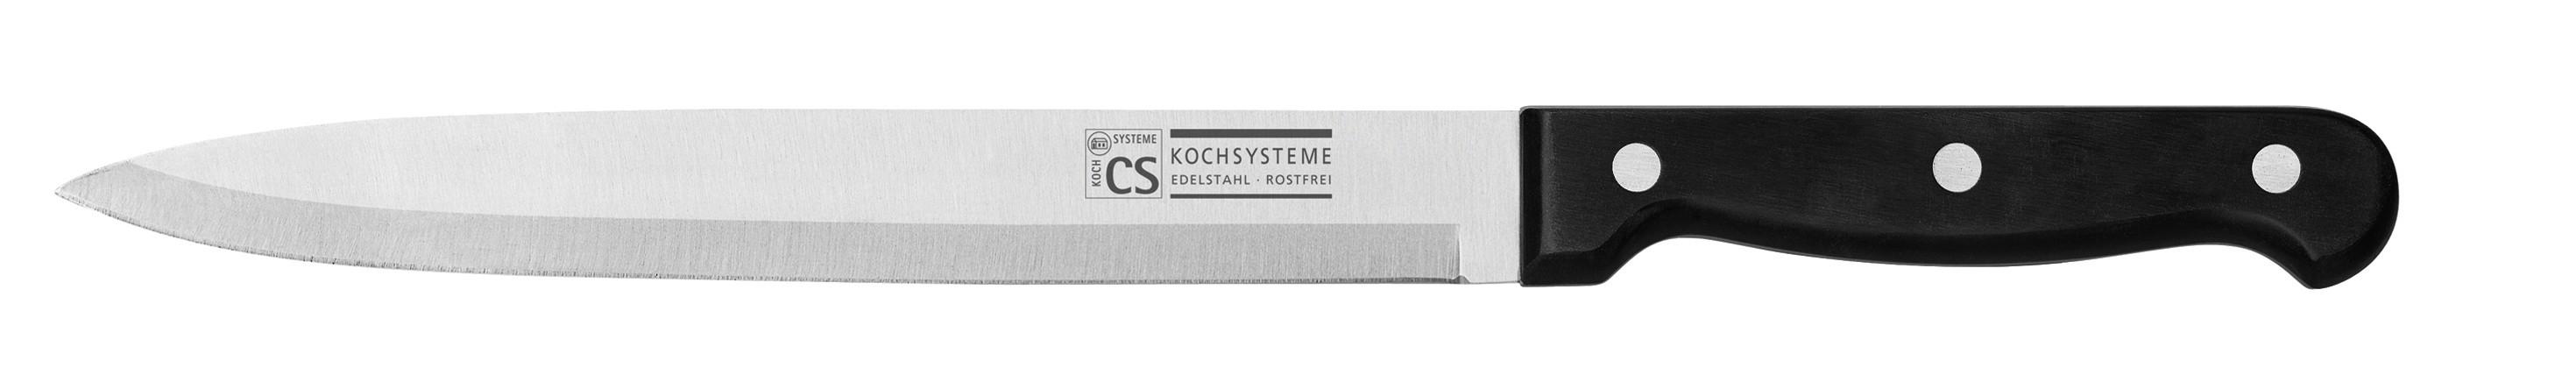 STAR Fleischmesser 20 cm